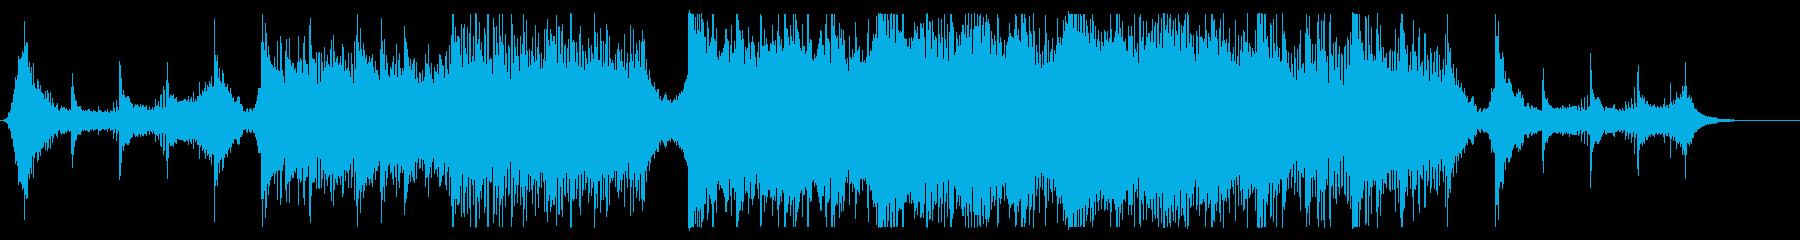 ハリウッド映画風の壮大オーケストラ13の再生済みの波形